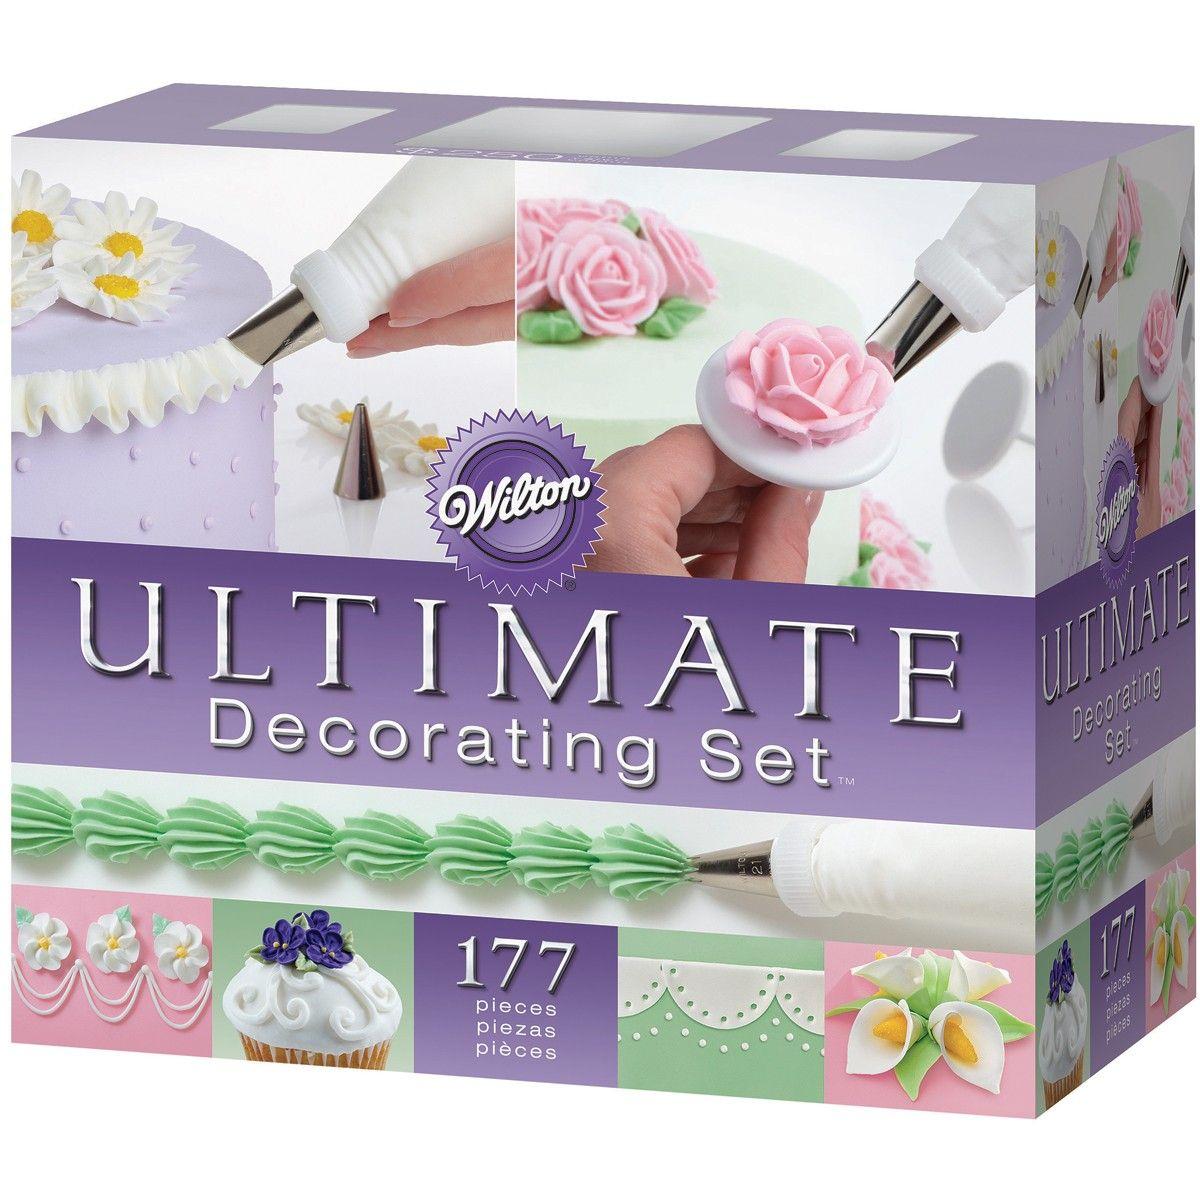 Ultimate Decorating Set Cake Decorating Set Professional Cake Decorating Cake Decorating